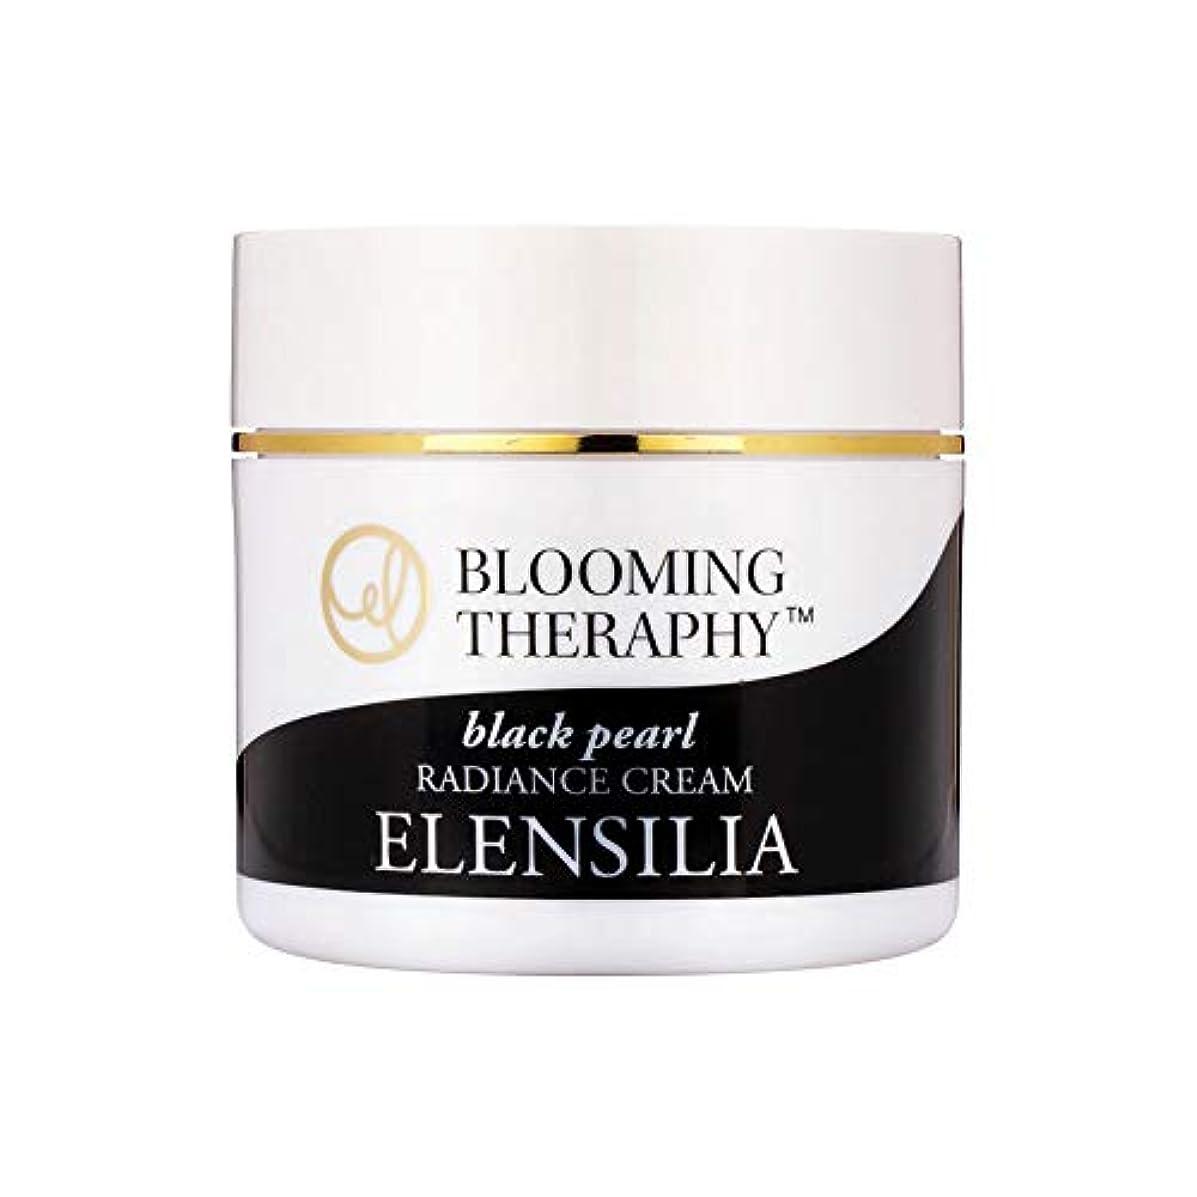 現像人道的学士エルレンシルラElensilia 韓国コスメ ブルーミングセラピー黒真珠ラディアンスクリーム50g 海外直送品 Blooming Theraphy Black Pearl Radiance Cream [並行輸入品]